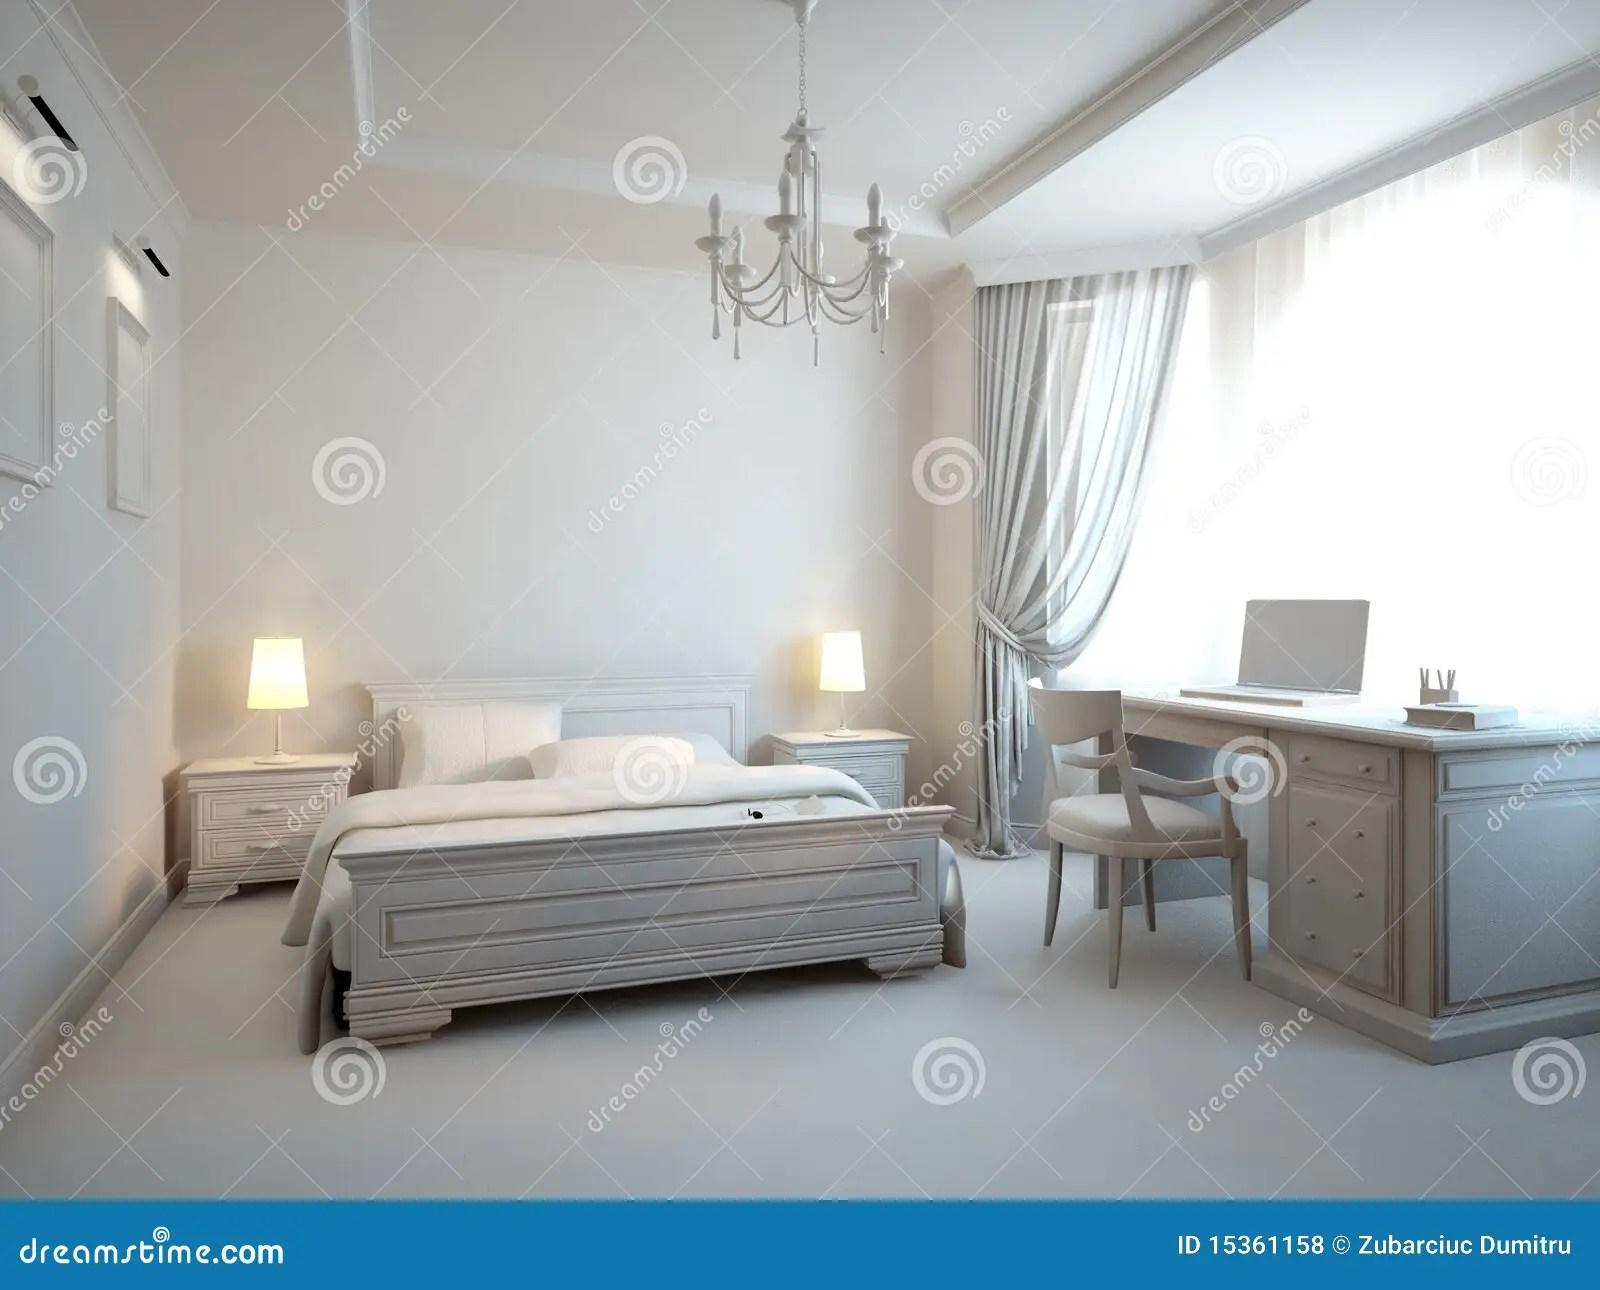 Grijze Slaapkamer Royaltyvrije Stock Fotos  Afbeelding